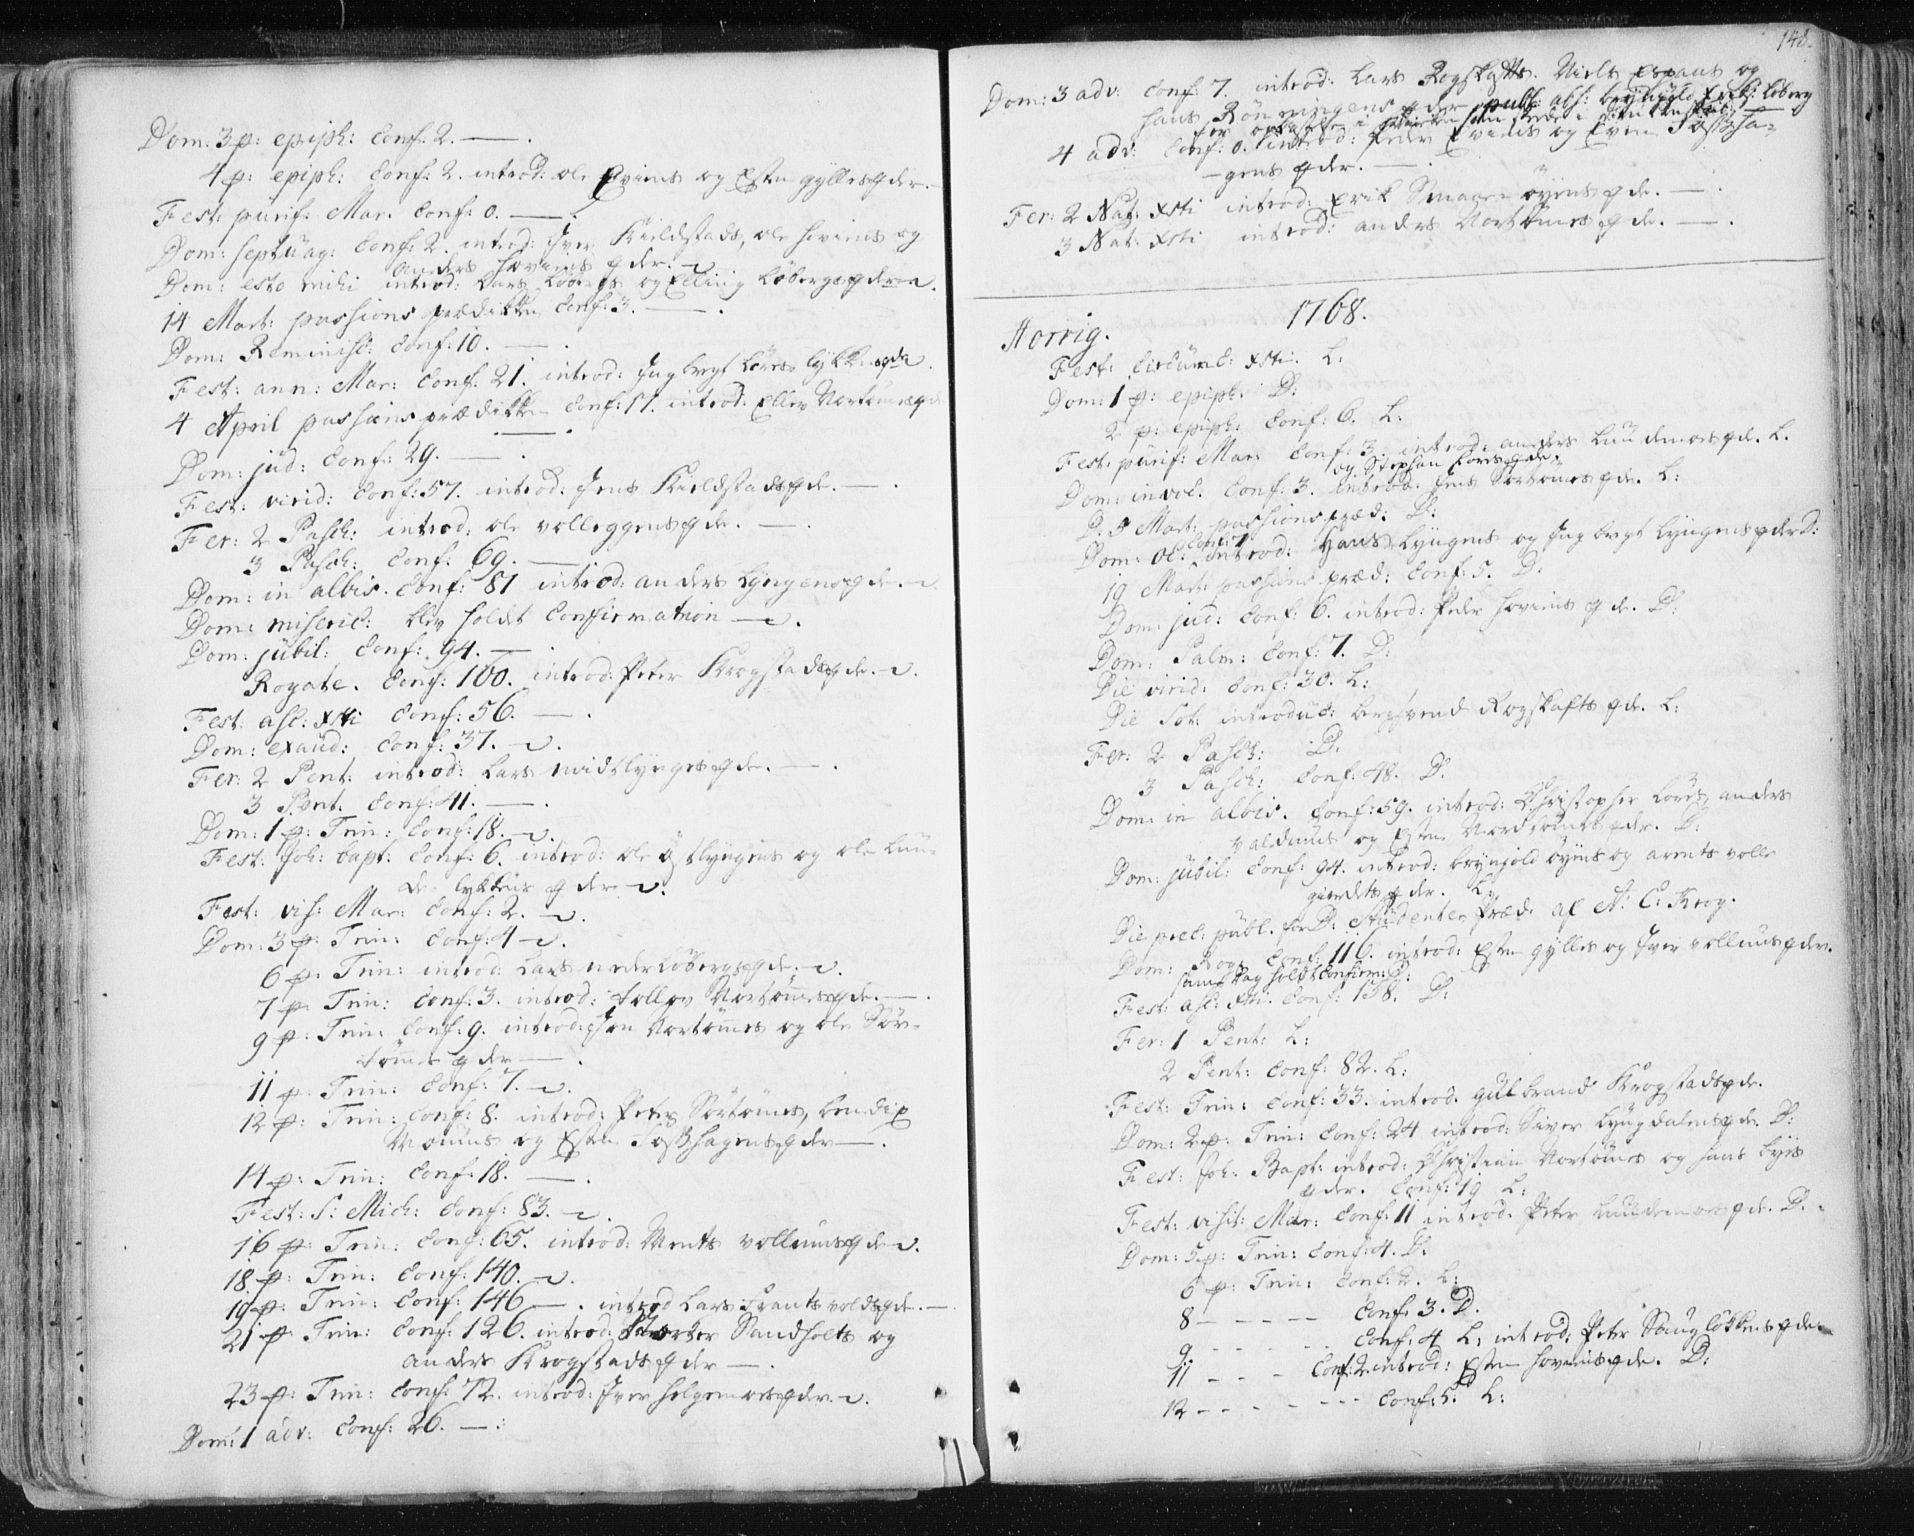 SAT, Ministerialprotokoller, klokkerbøker og fødselsregistre - Sør-Trøndelag, 687/L0991: Ministerialbok nr. 687A02, 1747-1790, s. 148